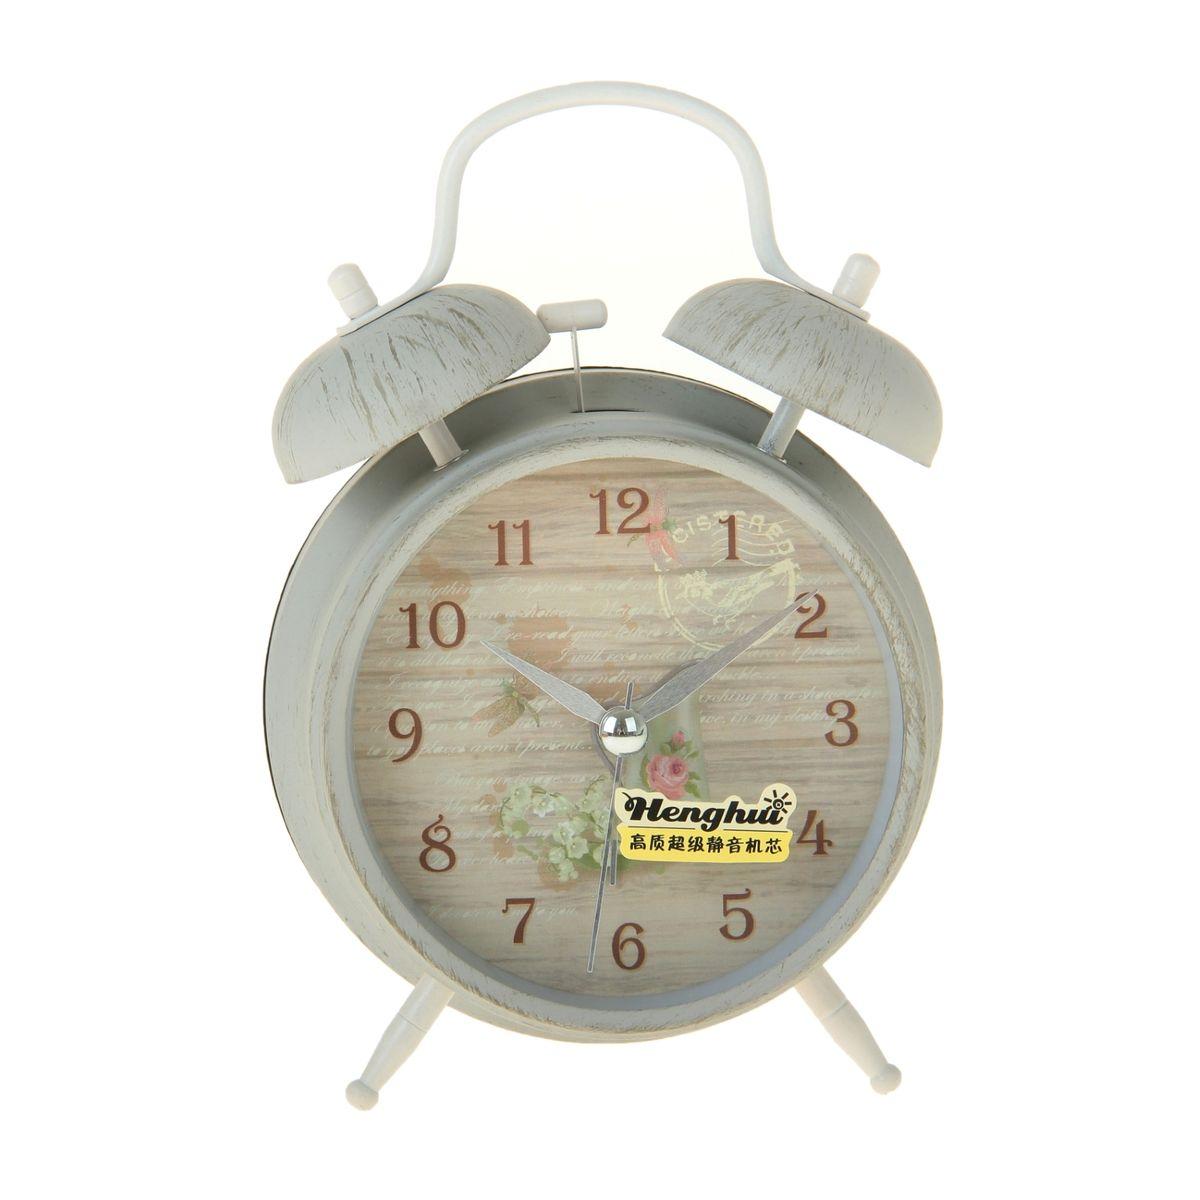 Часы-будильник Sima-land Кувшин и цветы906611Как же сложно иногда вставать вовремя! Всегда так хочется поспать еще хотя бы 5 минут и бывает, что мы просыпаем. Теперь этого не случится! Яркий, оригинальный будильник Sima-land Кувшин и цветы поможет вам всегда вставать в нужное время и успевать везде и всюду. Будильник украсит вашу комнату и приведет в восхищение друзей. Время показывает точно и будит в установленный час.На задней панели будильника расположены переключатель включения/выключения механизма, а также два колесика для настройки текущего времени и времени звонка будильника. Также будильник оснащен кнопкой, при нажатии и удержании которой, подсвечивается циферблат. Будильник работает от 1 батарейки типа AA напряжением 1,5V (не входит в комплект).